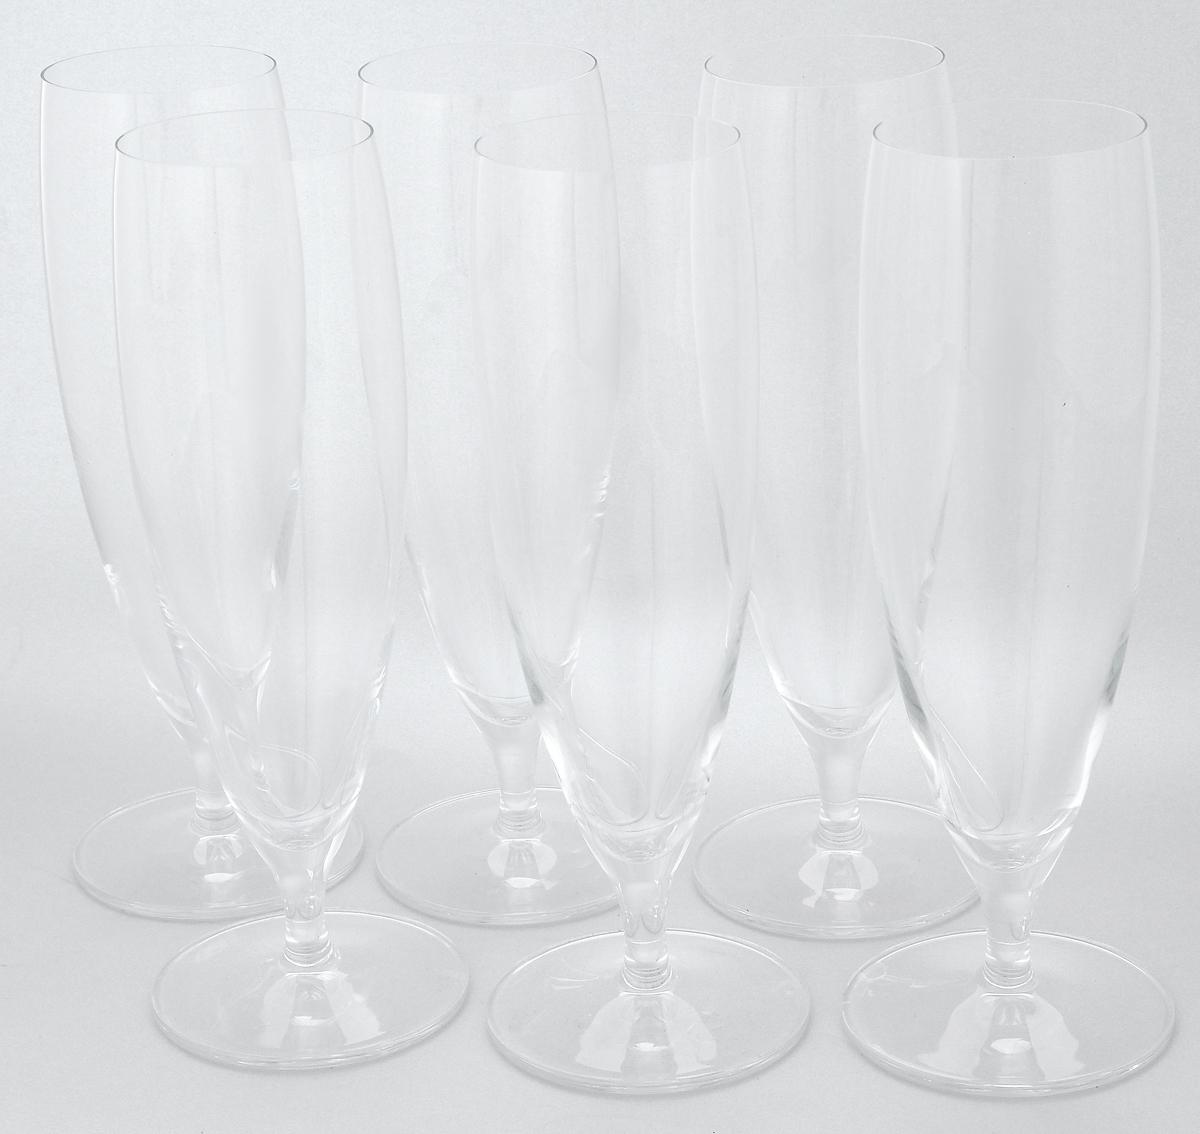 Набор бокалов Pasabahce Vintage, 385 мл, 6 шт66119NНабор Pasabahce Vintaget состоит из шести бокалов, выполненных из прочного натрий-кальций-силикатного стекла. Изделия оснащены невысокими ножками. Бокалы сочетают в себе элегантный дизайн и функциональность. Благодаря такому набору пить напитки будет еще вкуснее.Набор бокалов Pasabahce Vintaget прекрасно оформит праздничный стол и создаст приятную атмосферу за ужином. Такой набор также станет хорошим подарком к любому случаю. Можно мыть в посудомоечной машине и использовать в микроволновой печи.Диаметр бокала (по верхнему краю): 5,7 см. Высота бокала: 21,7 см.